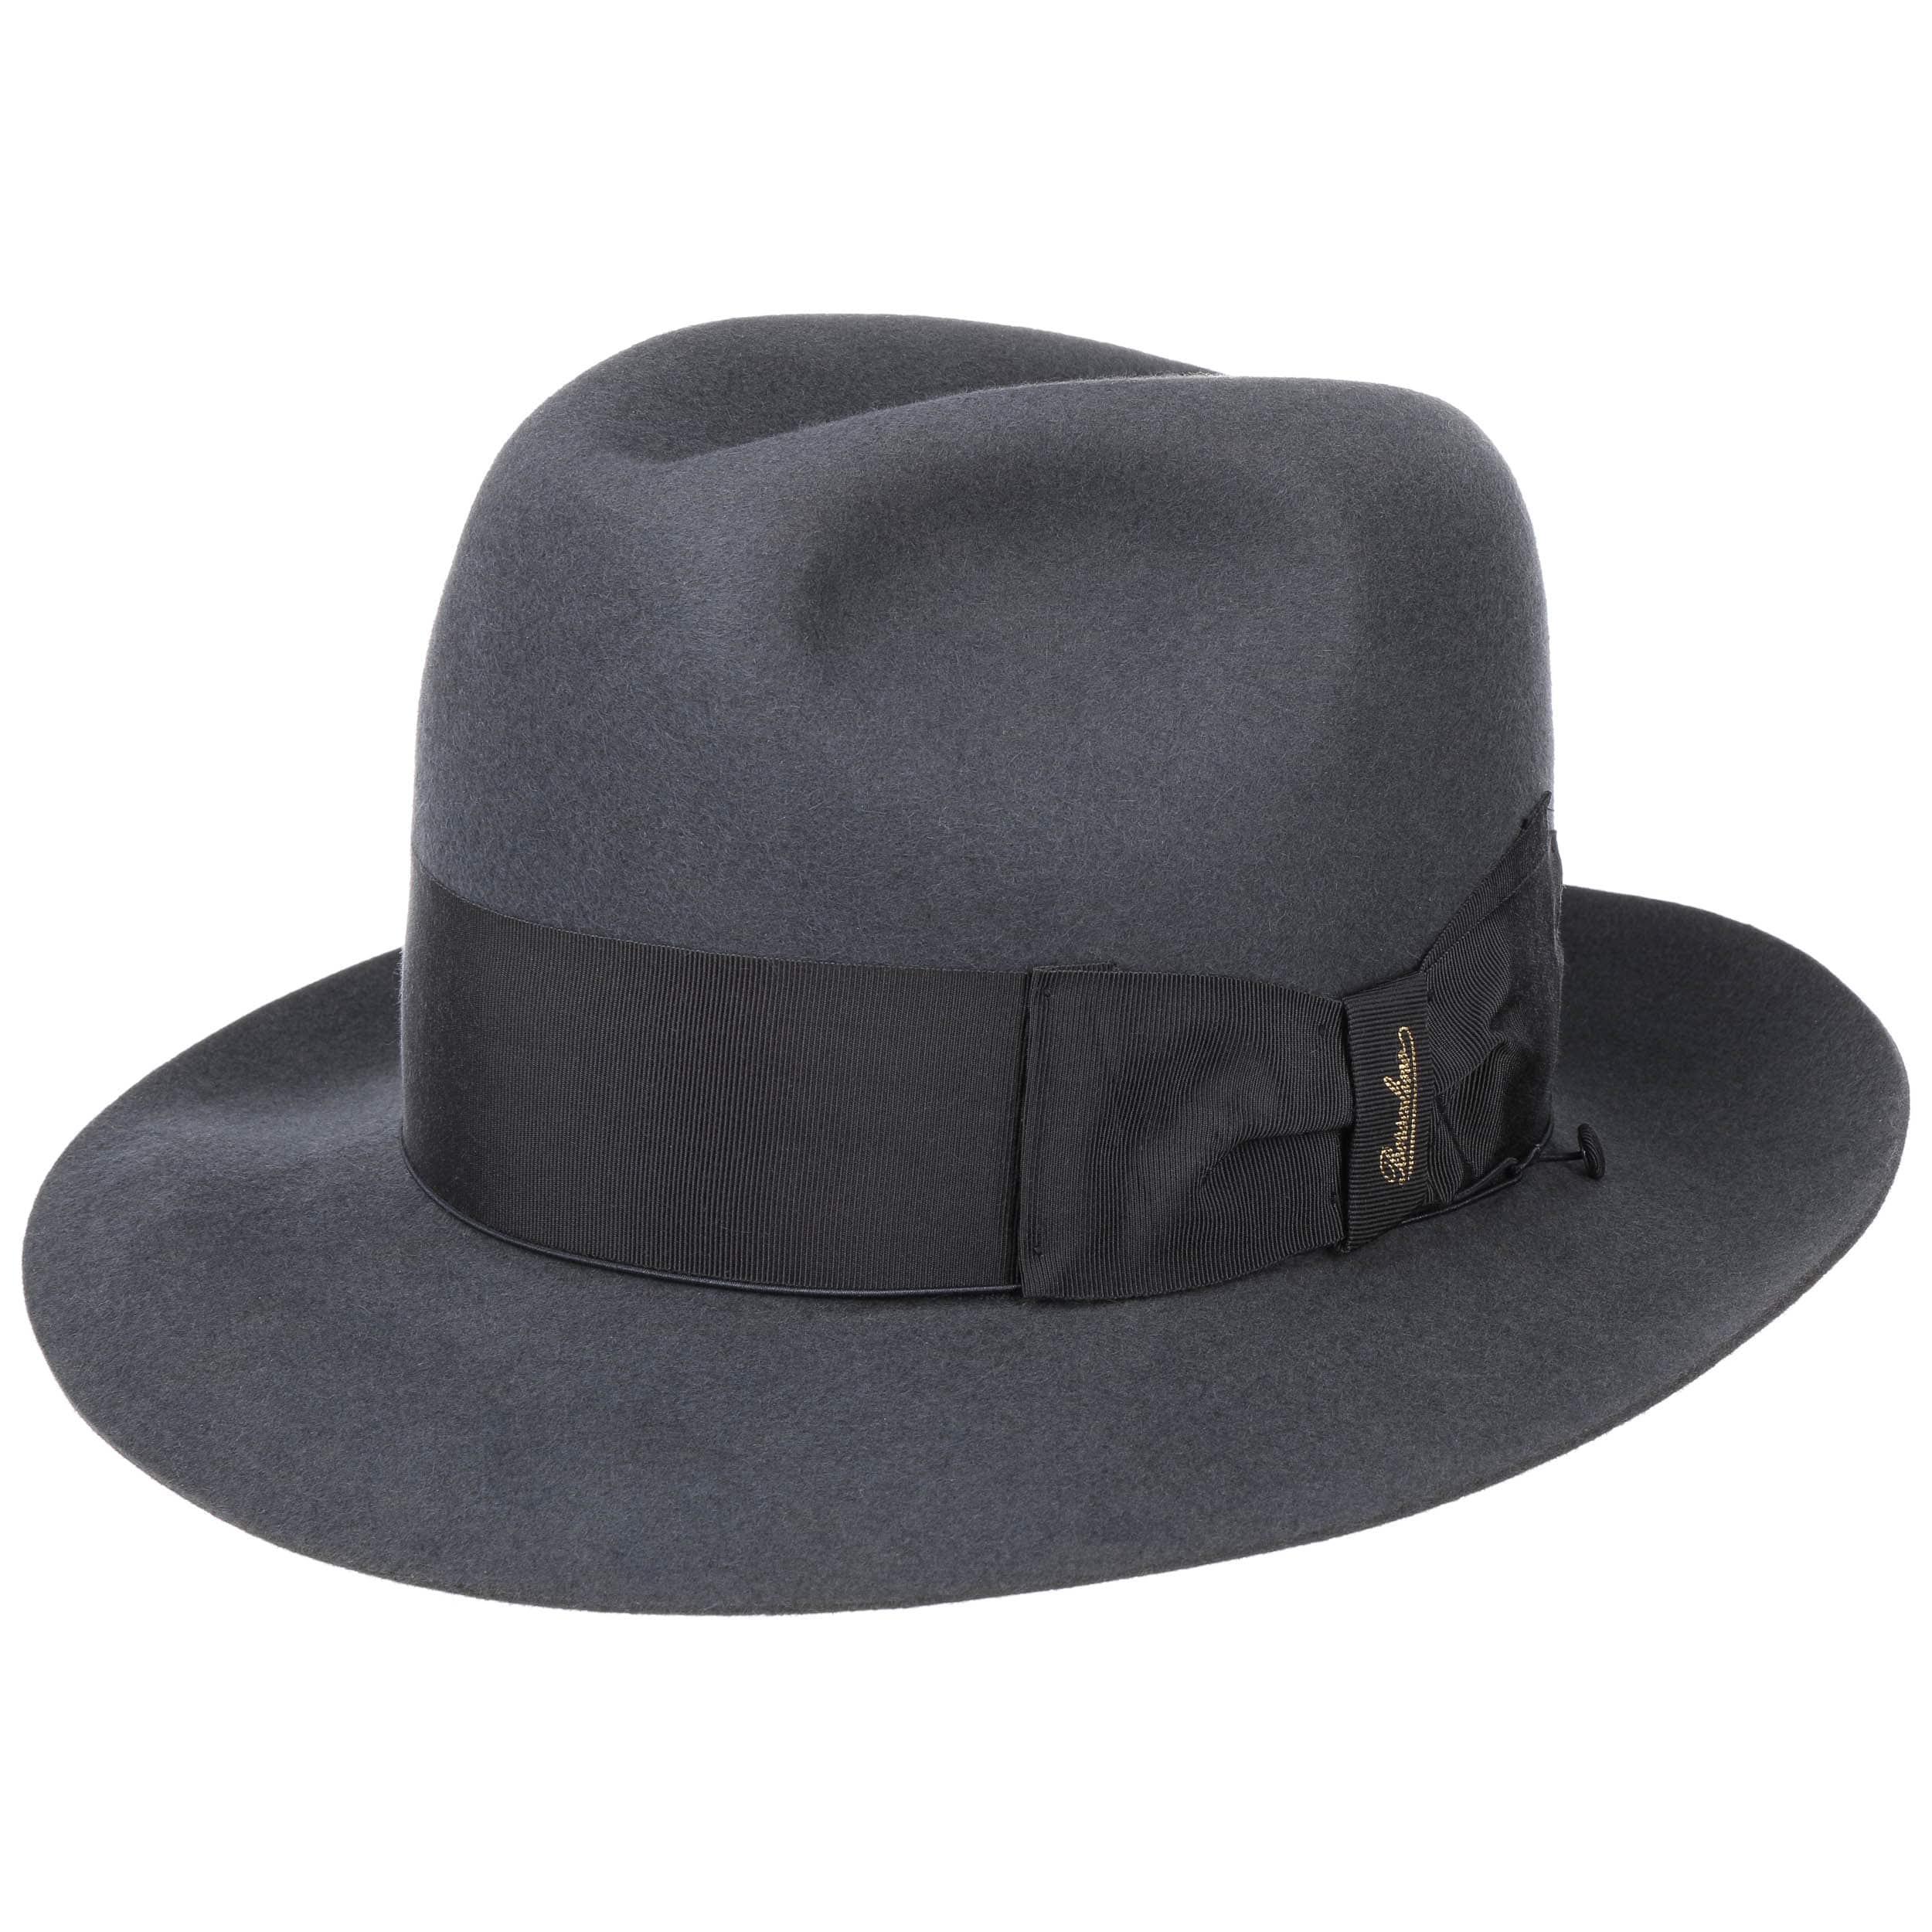 ... Sombrero Humphrey Bogart Authentic by Borsalino - antracita 5 77fb258f21e